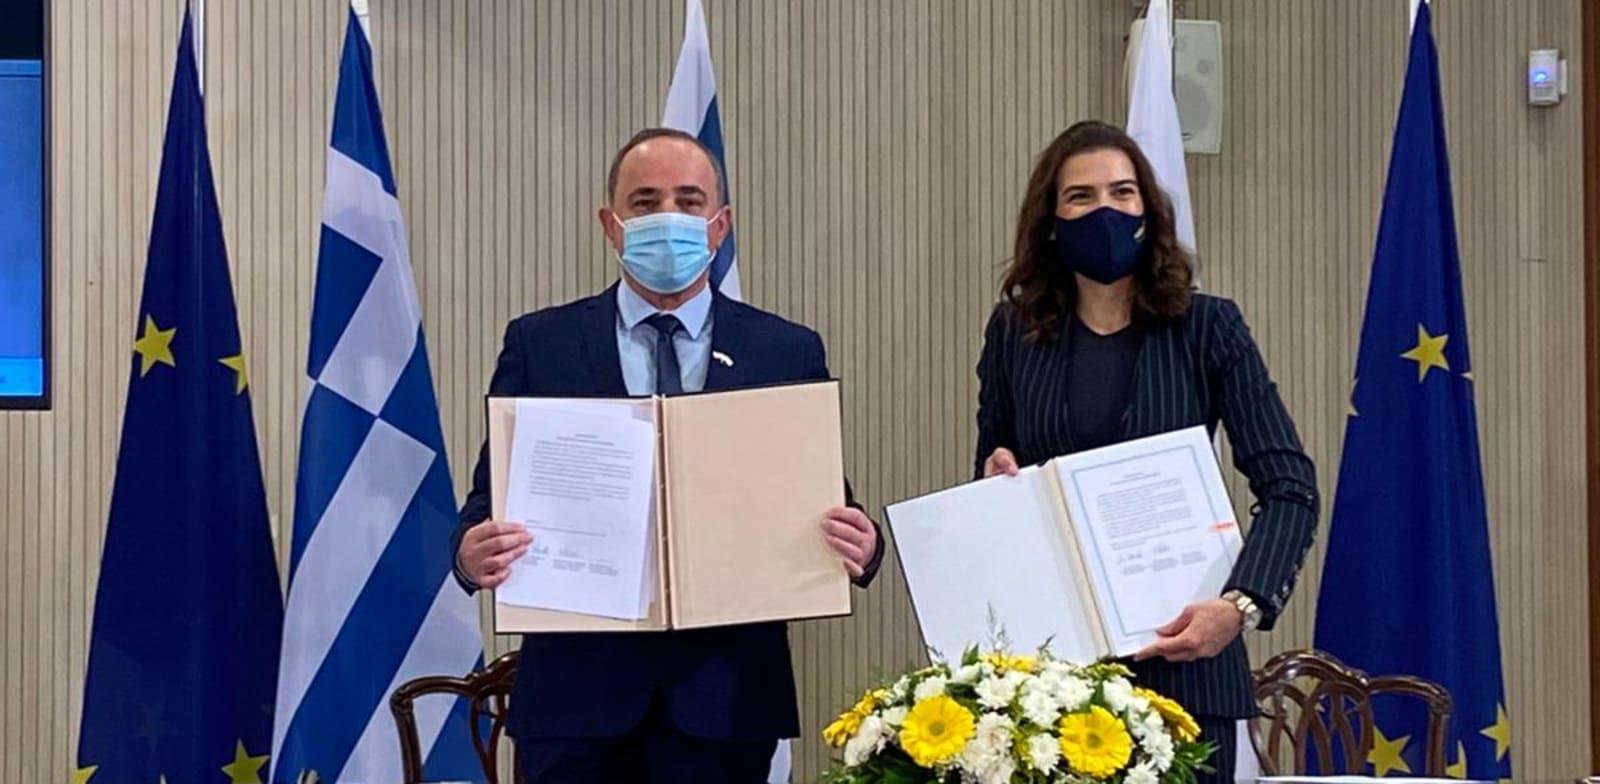 השר יובל שטייניץ ונטאשה פילידס (קפריסין) בהסכם על שיתוף הפעולה / צילום: משרד האנרגיה